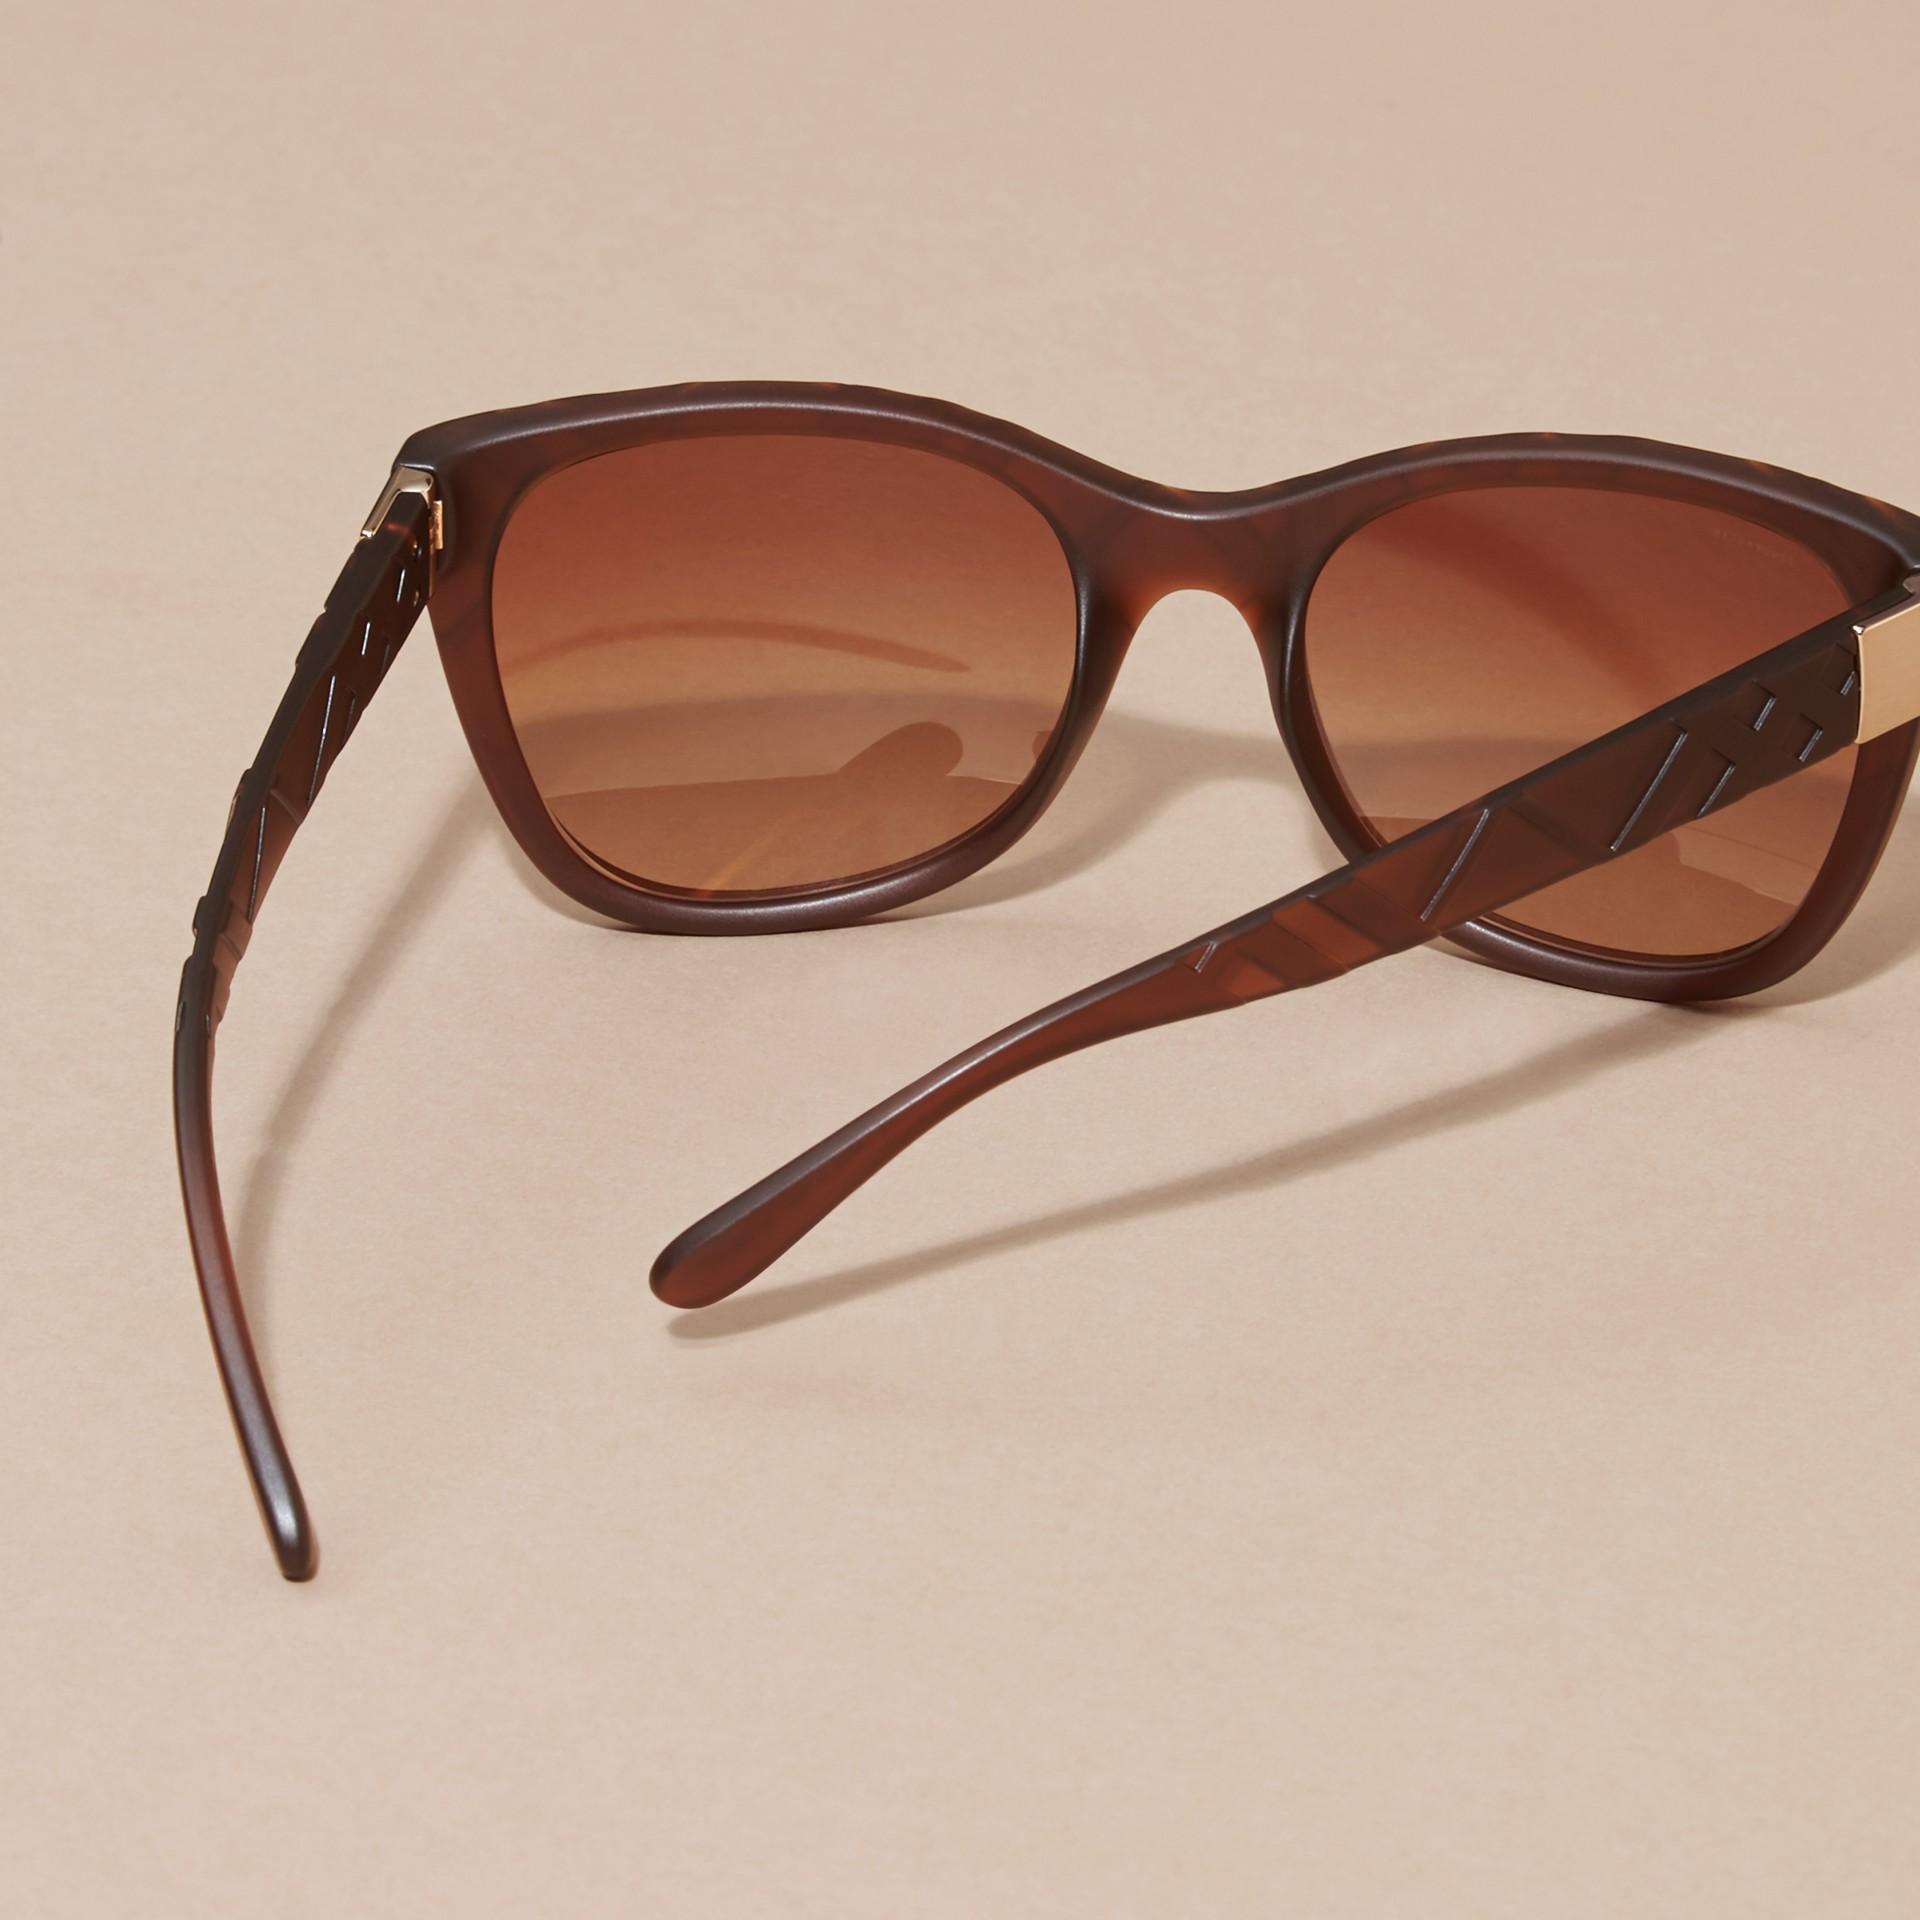 Marrone Occhiali da sole con montatura squadrata e motivo check tridimensionale Marrone - immagine della galleria 3